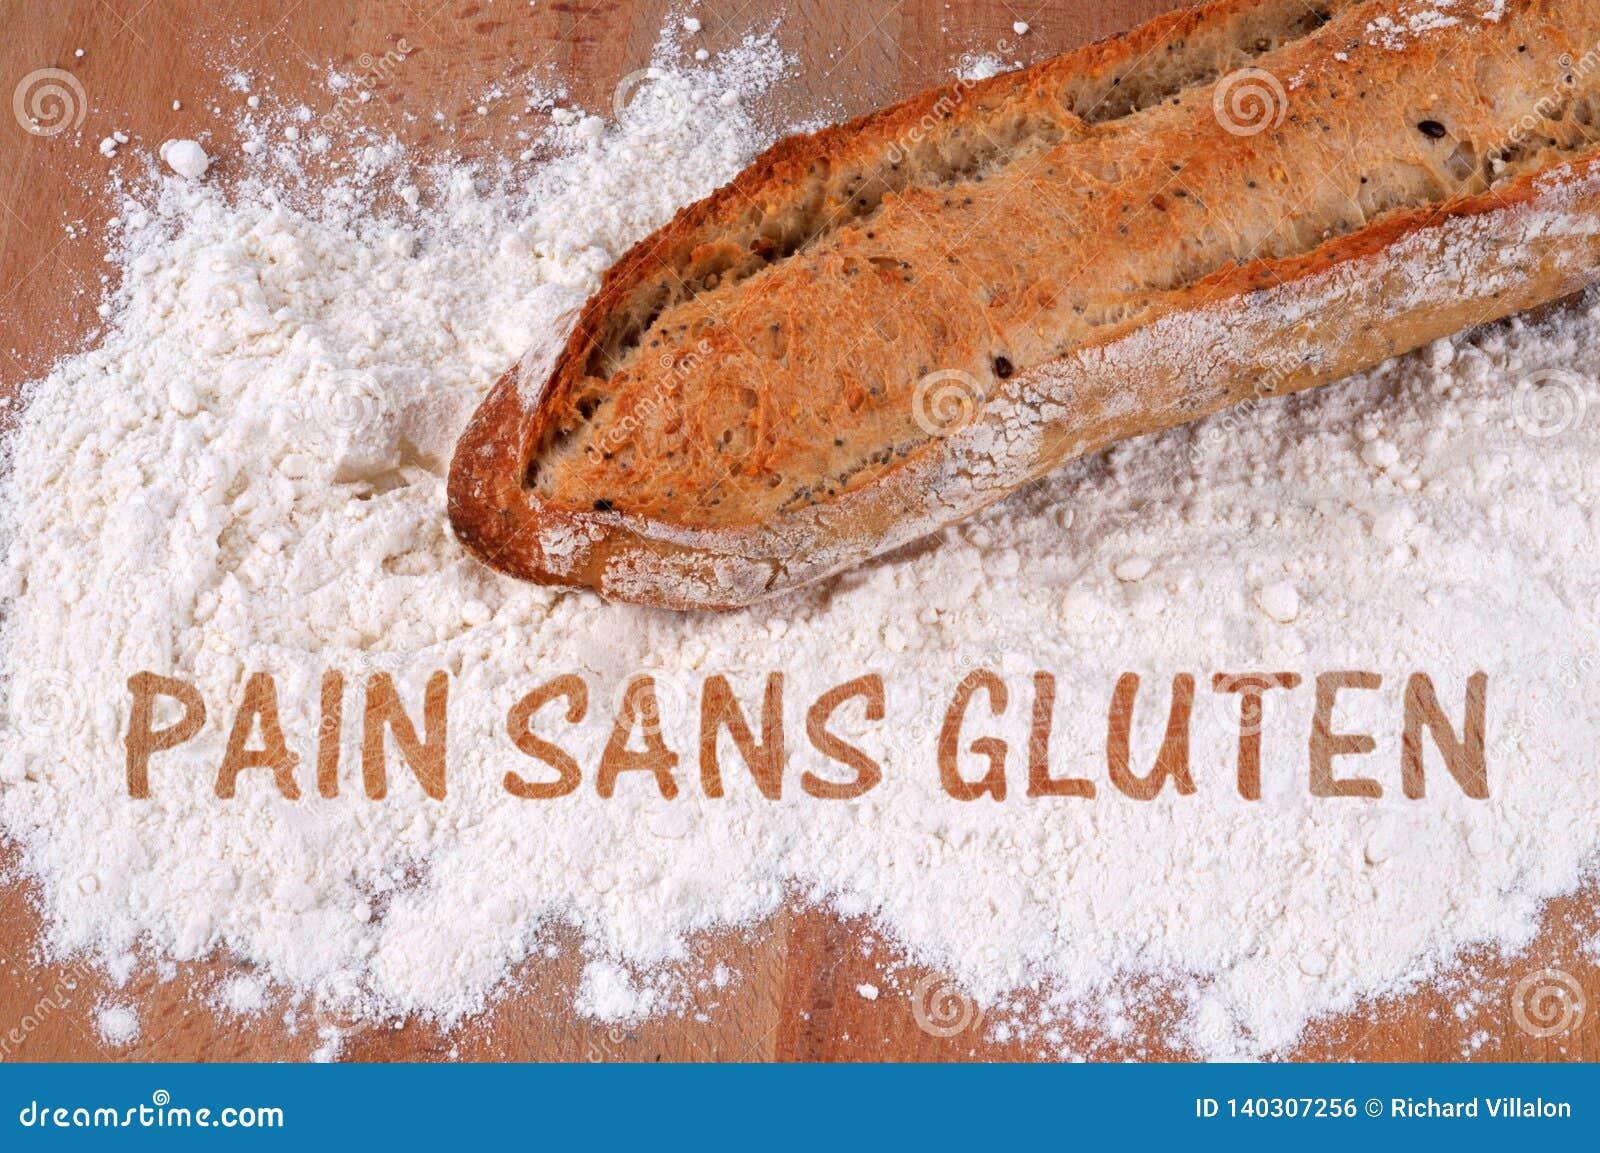 Glutenfreies Brotkonzept geschrieben auf französisch